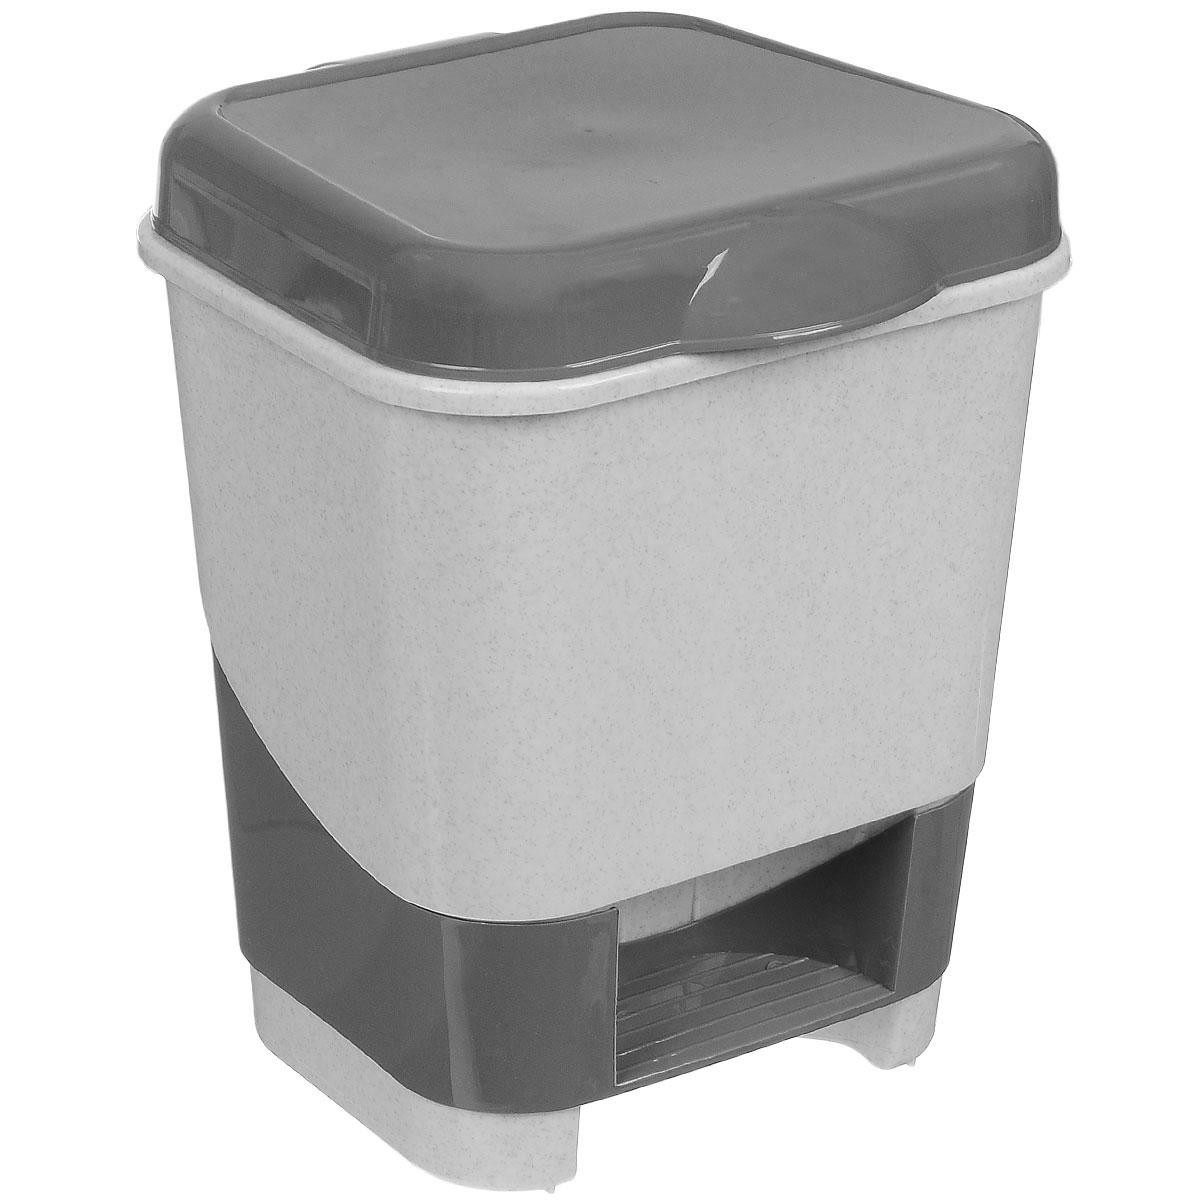 Контейнер для мусора Полимербыт, с педалью, цвет: серый, белый, 8 лС427Контейнер для мусора Полимербыт изготовлен из высококачественного цветного пластика. Контейнер оснащен педалью, с помощью которой можно открыть крышку. Крышка плотно прилегает, предотвращая распространение запаха. Бороться с мелким мусором станет легко. Контейнер для мусора Полимербыт - это не только емкость для хранения мусора, но и яркий предмет декора, который оригинально украсит интерьер кухни или ванной комнаты.